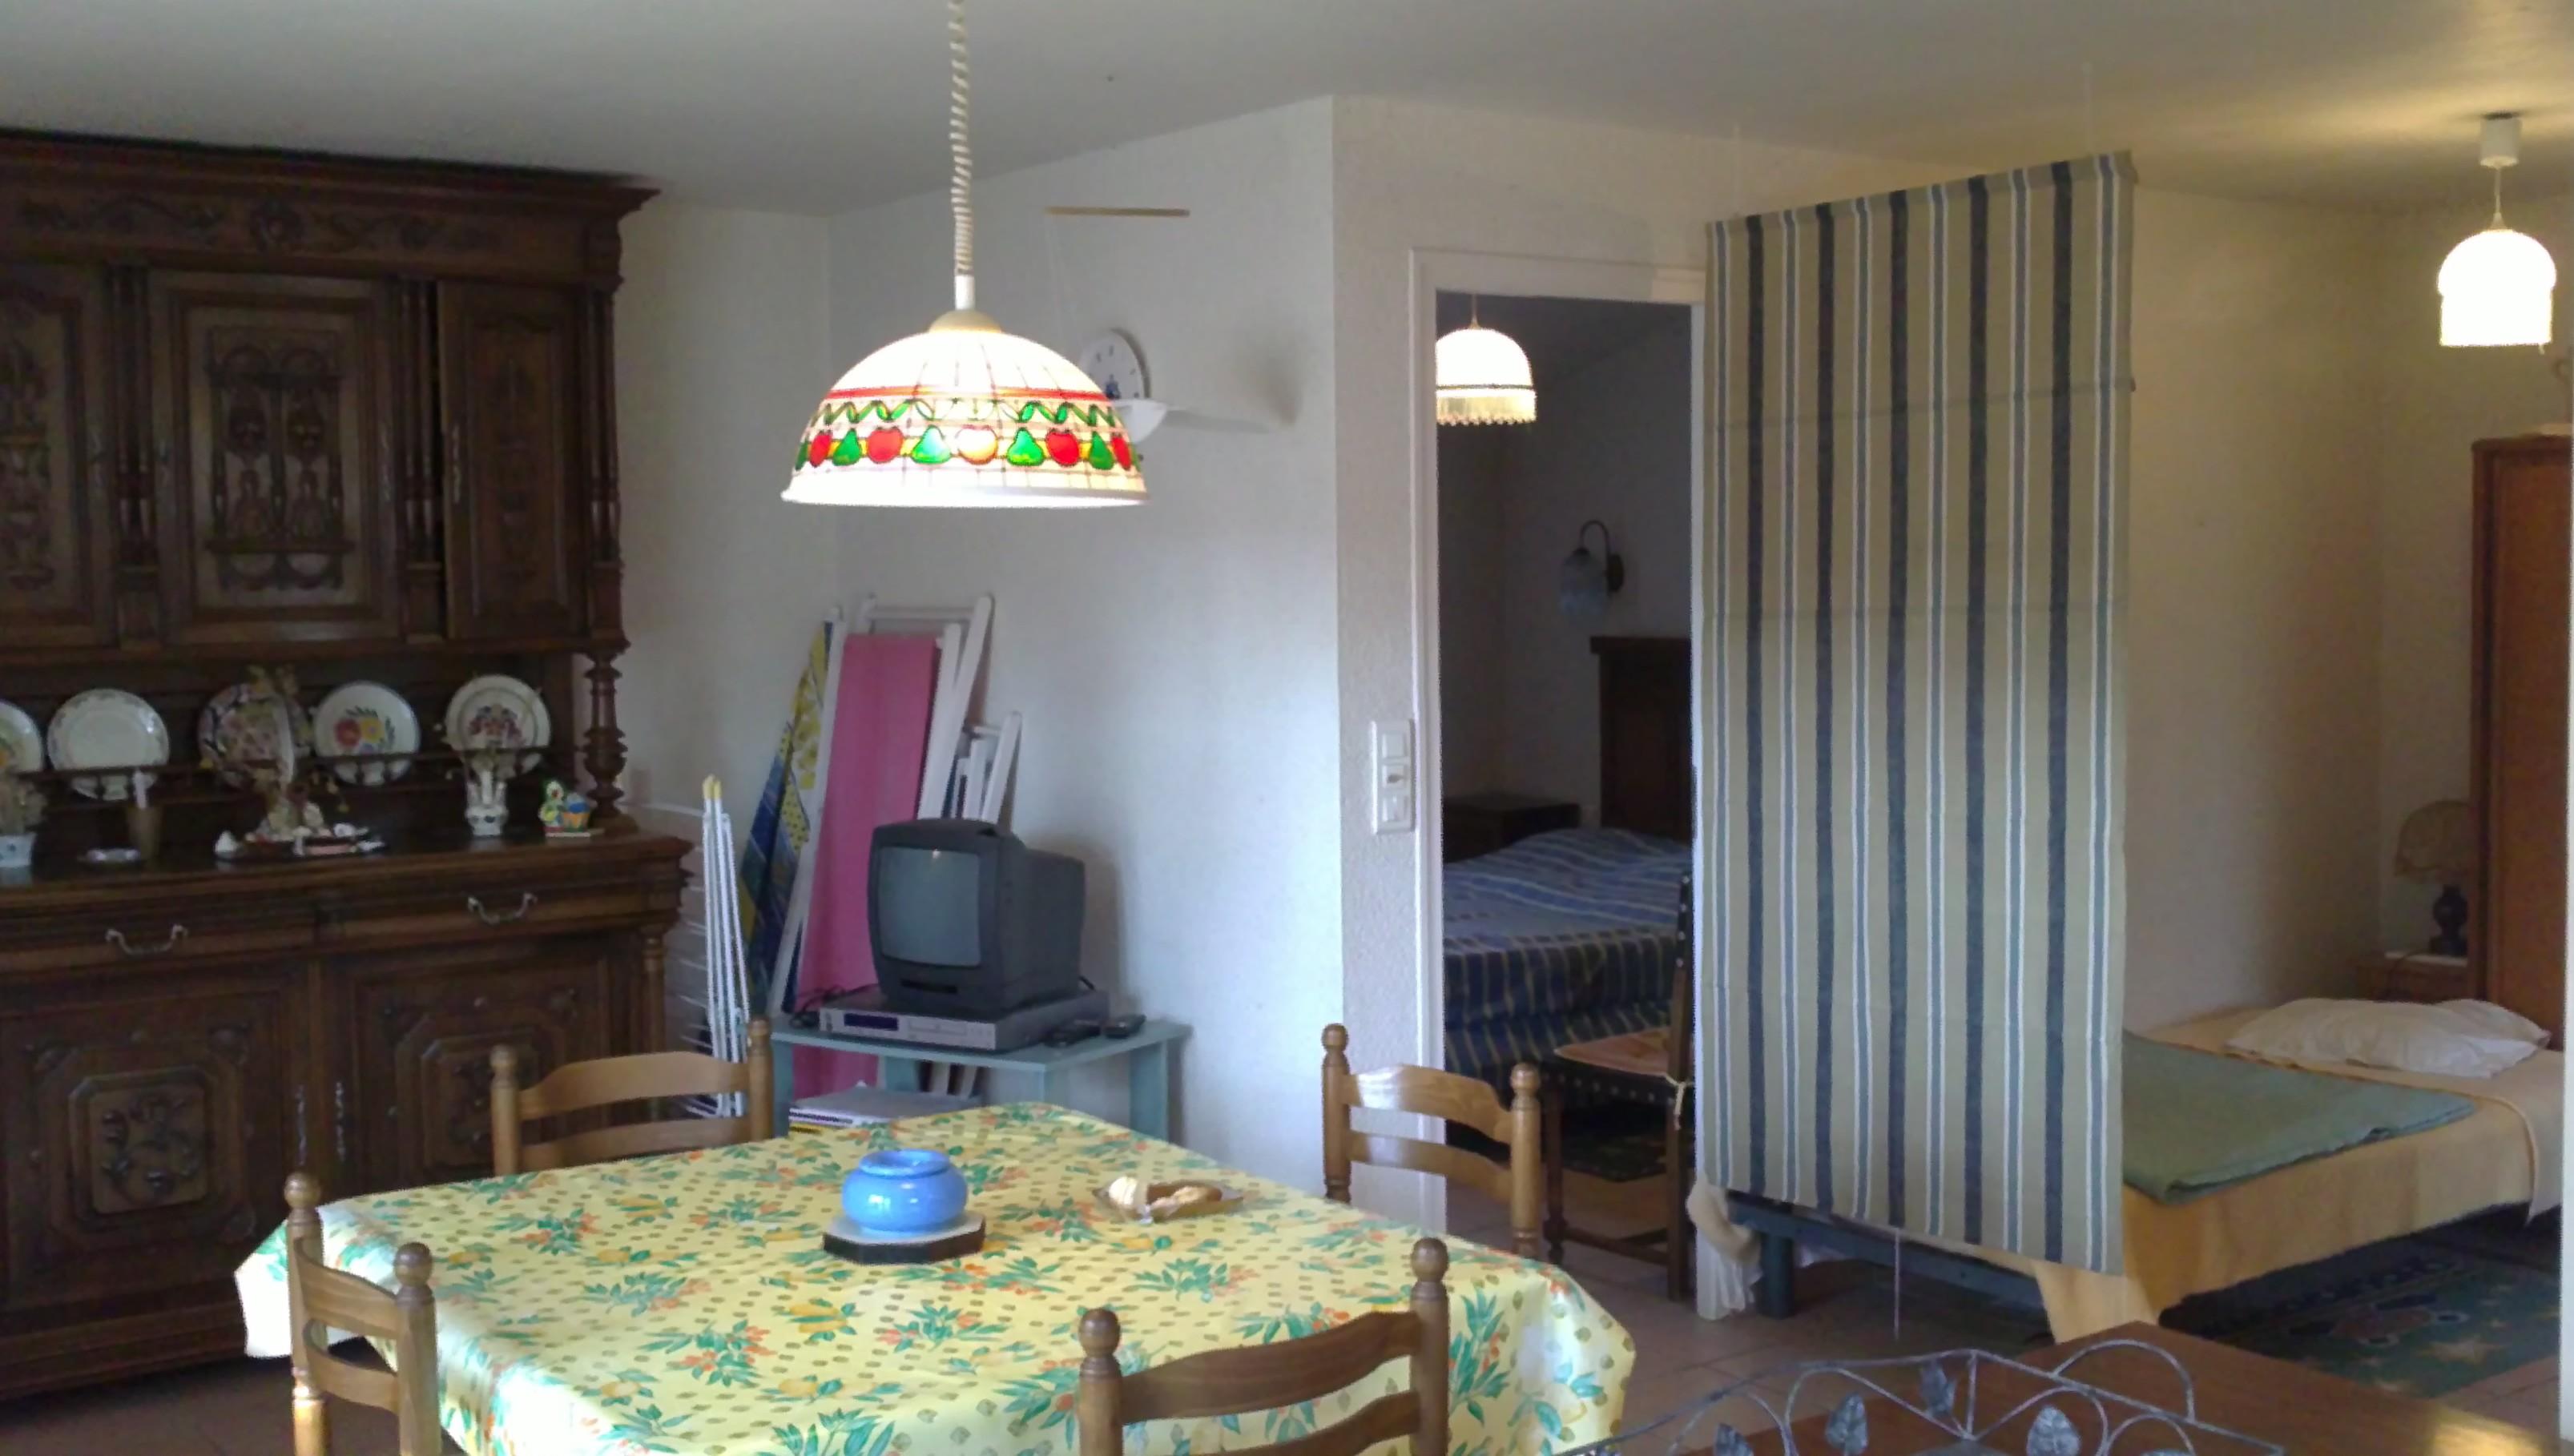 meuble-bouin-la-faute-sur-mer-85-hlo-4